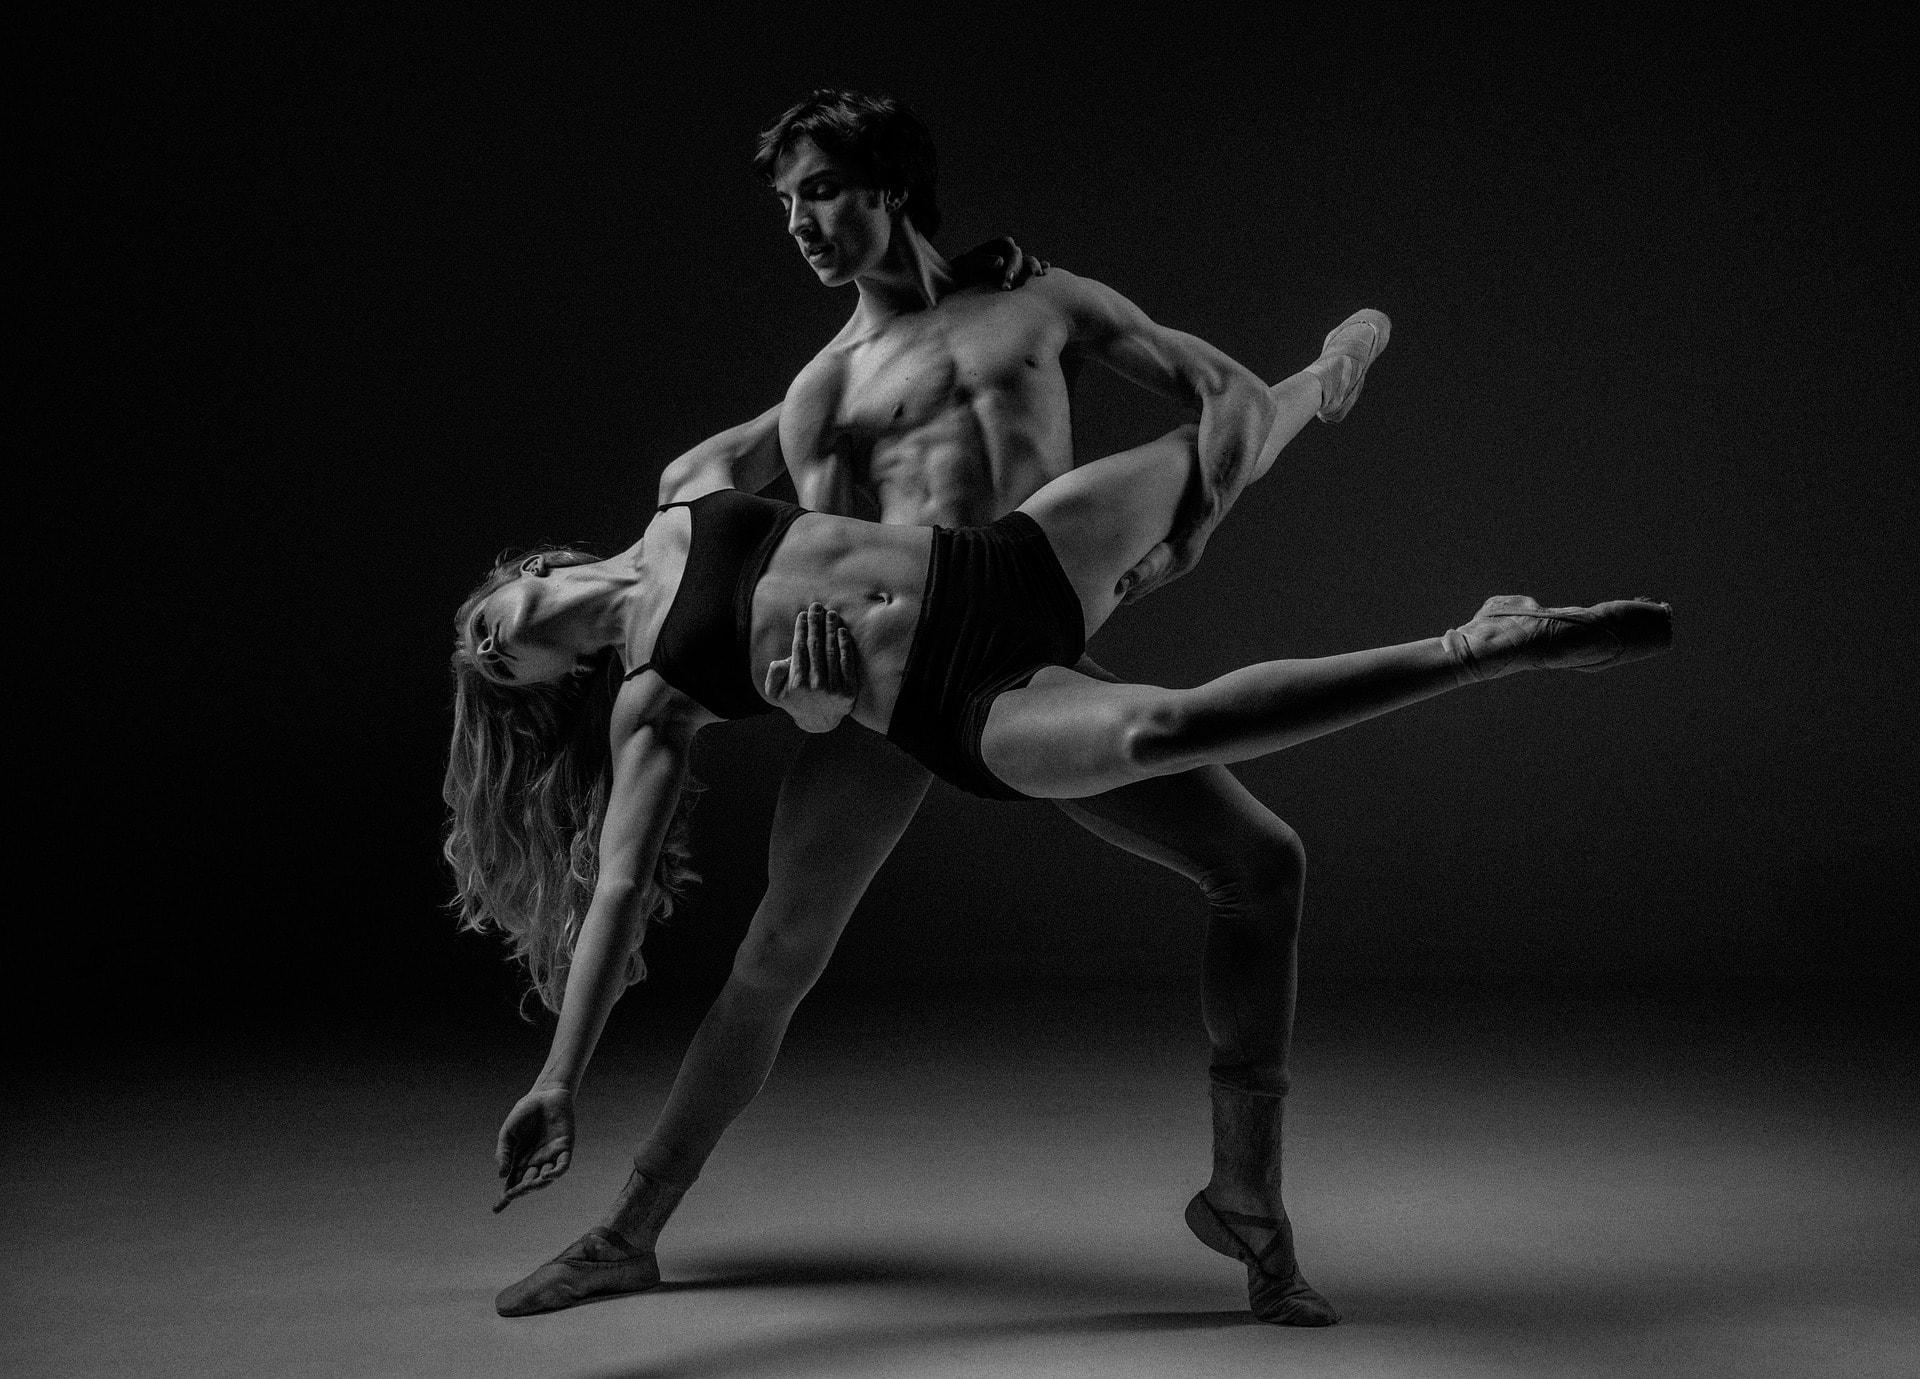 La Gallarda-estudio-fotografico-Malaga-Alhaurin-photographer- fotografo artistas ballet retrato-boudoir